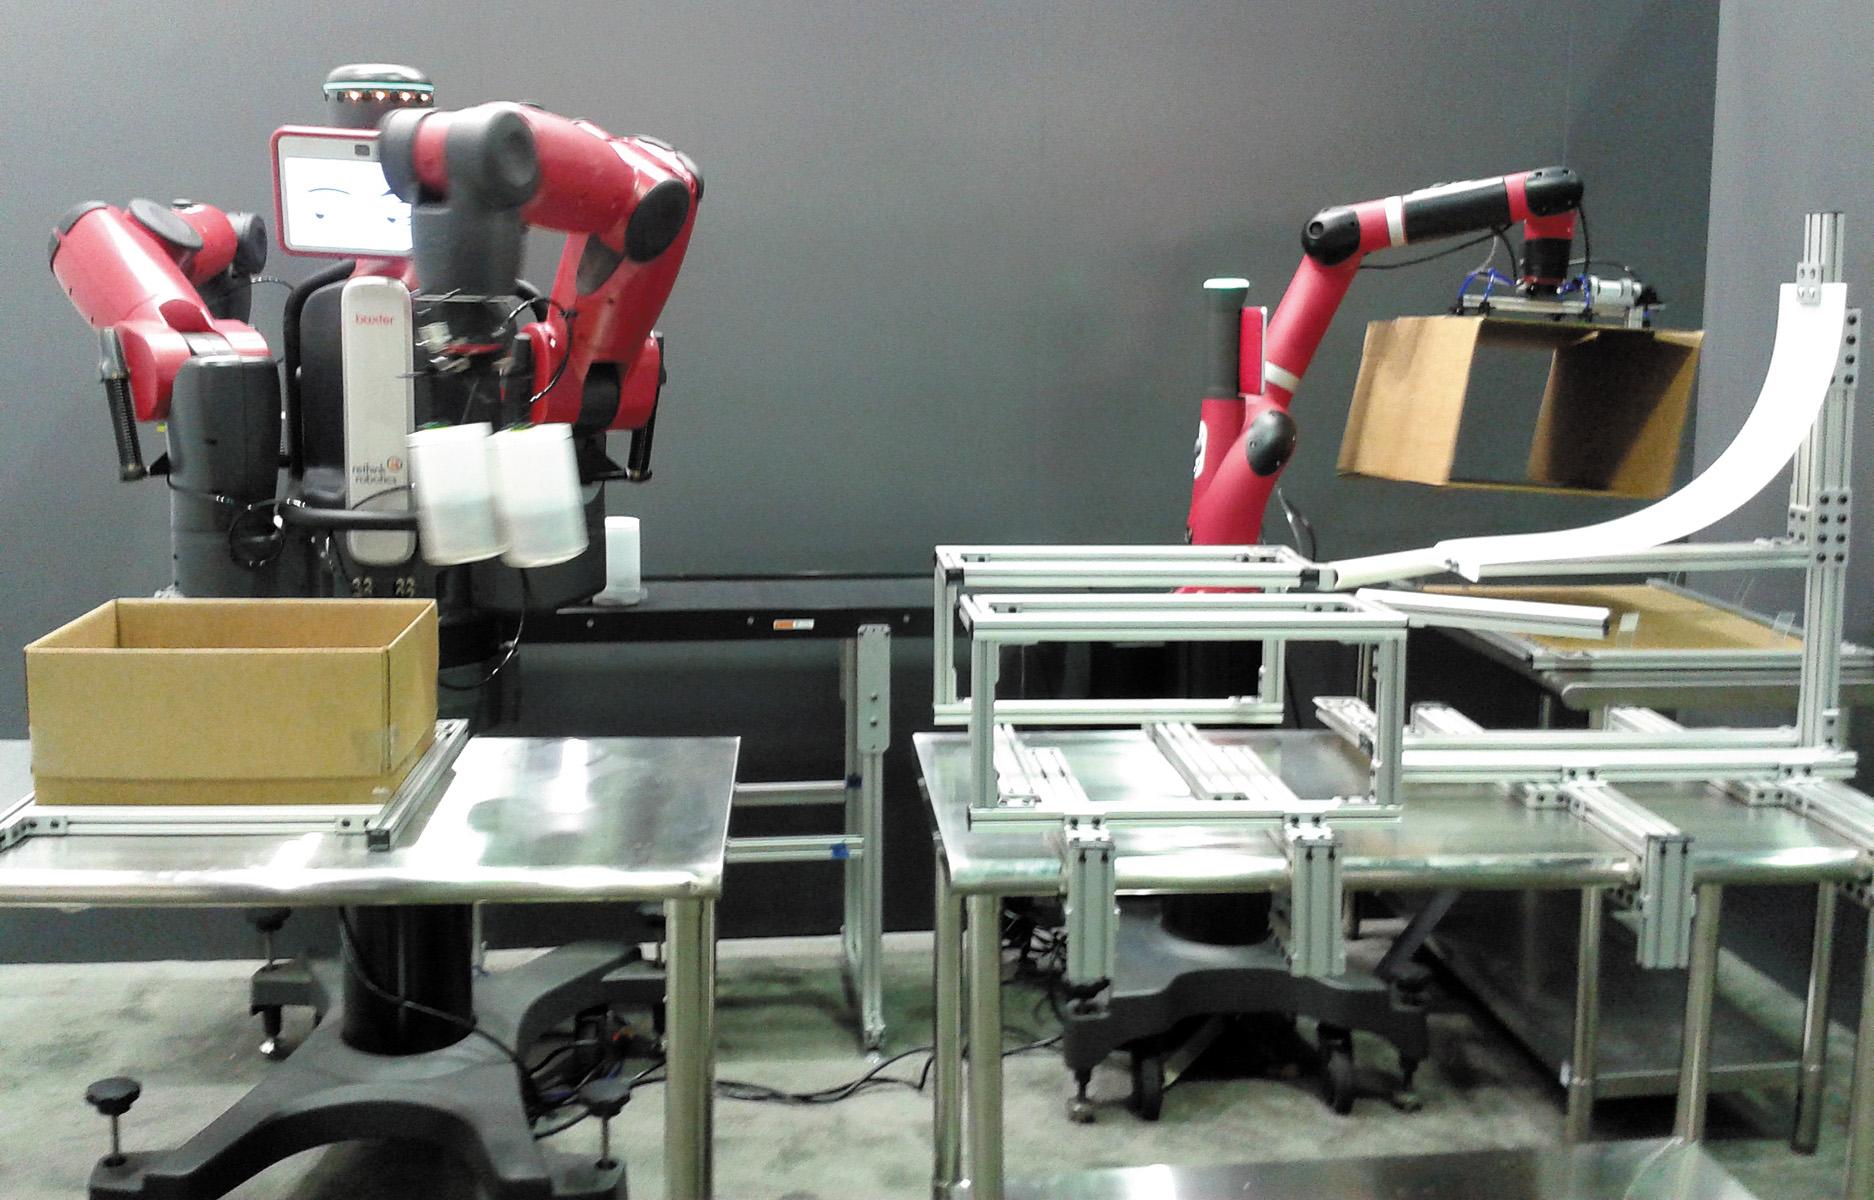 Робот Baxter заполняет коробку, полученную от его «коллеги», робота Sawyer